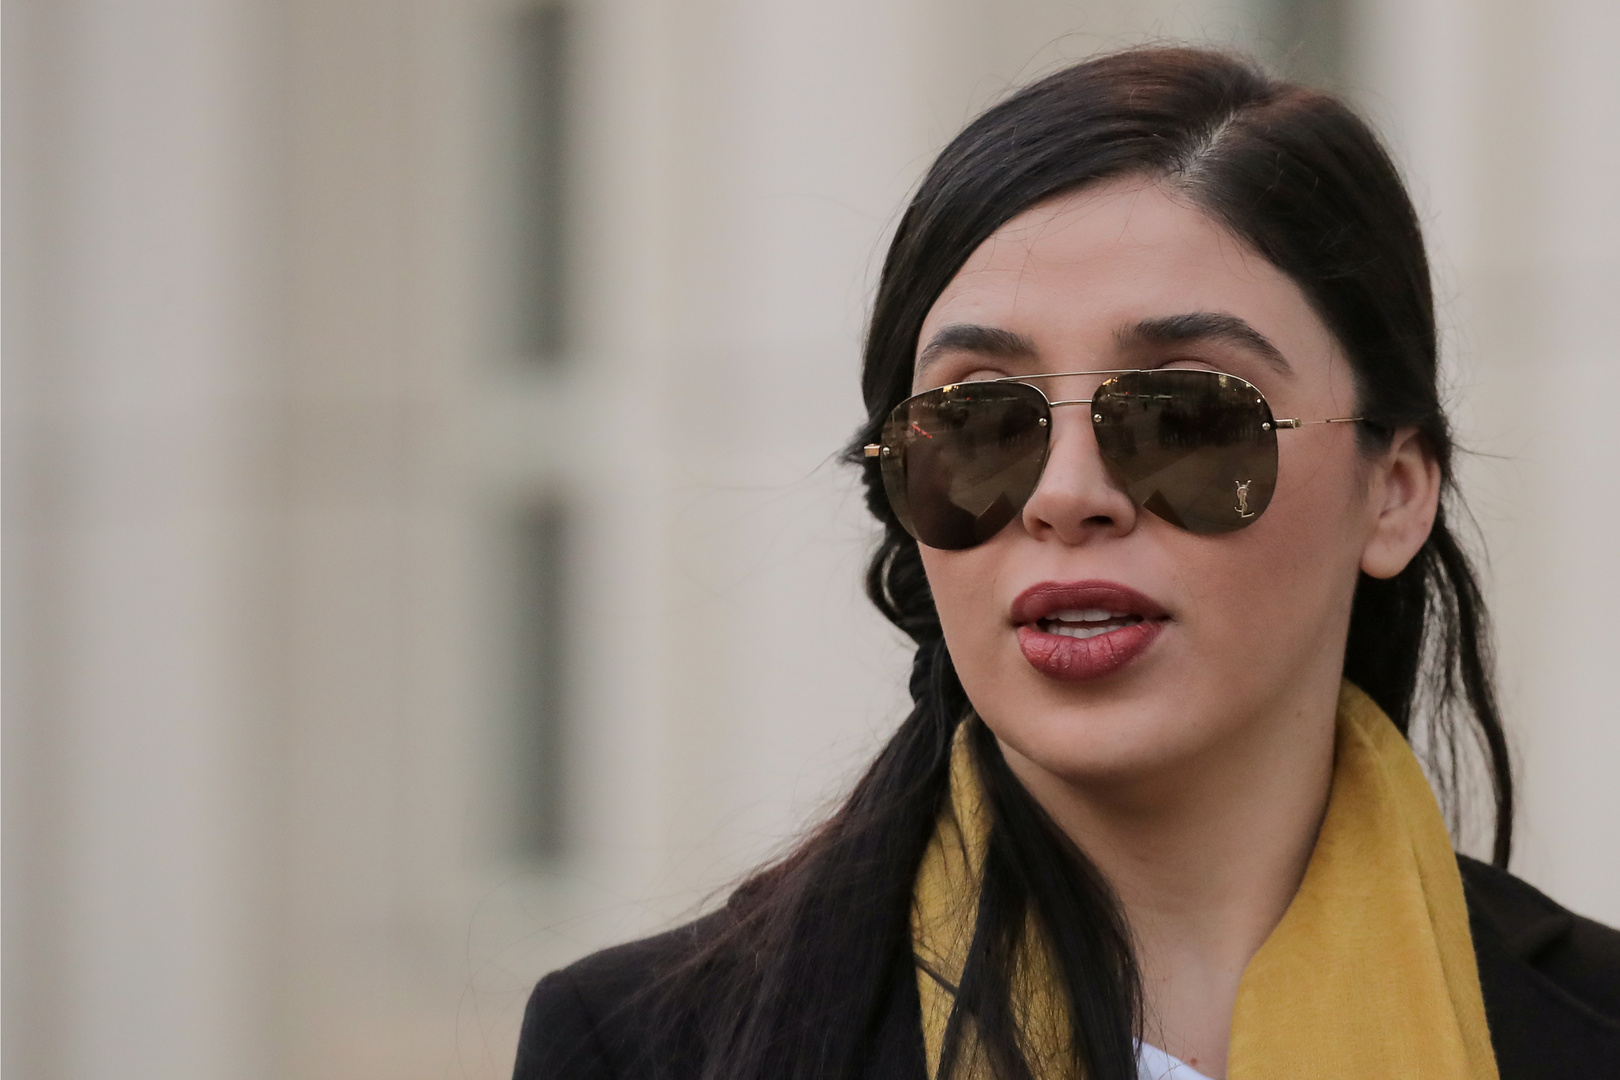 السلطات الأمريكية تعتقل زوجة